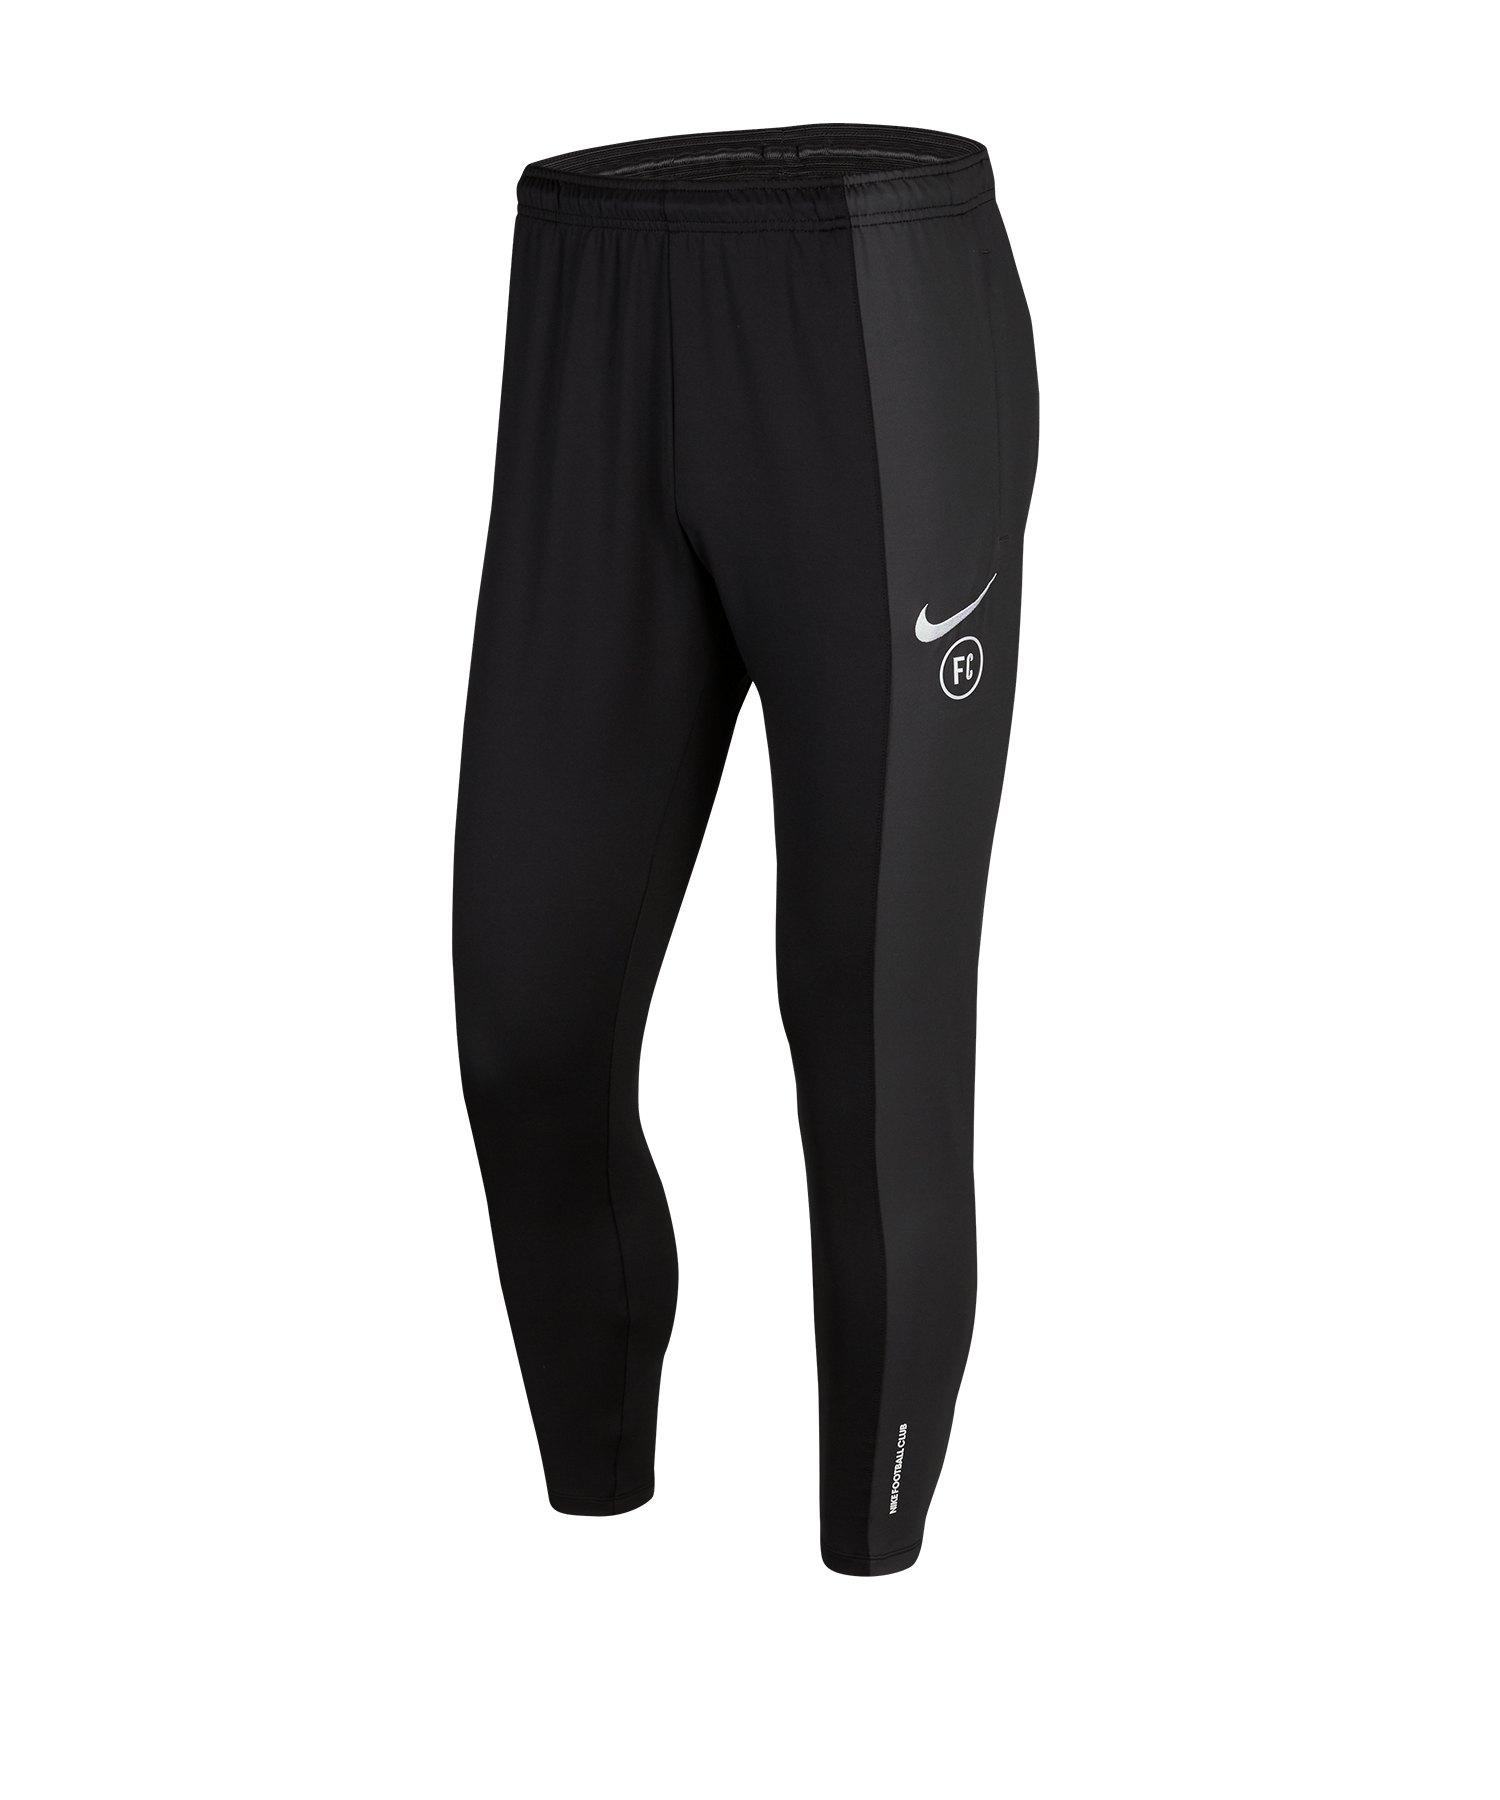 Nike F.C. Trainingshose Schwarz F010 - schwarz